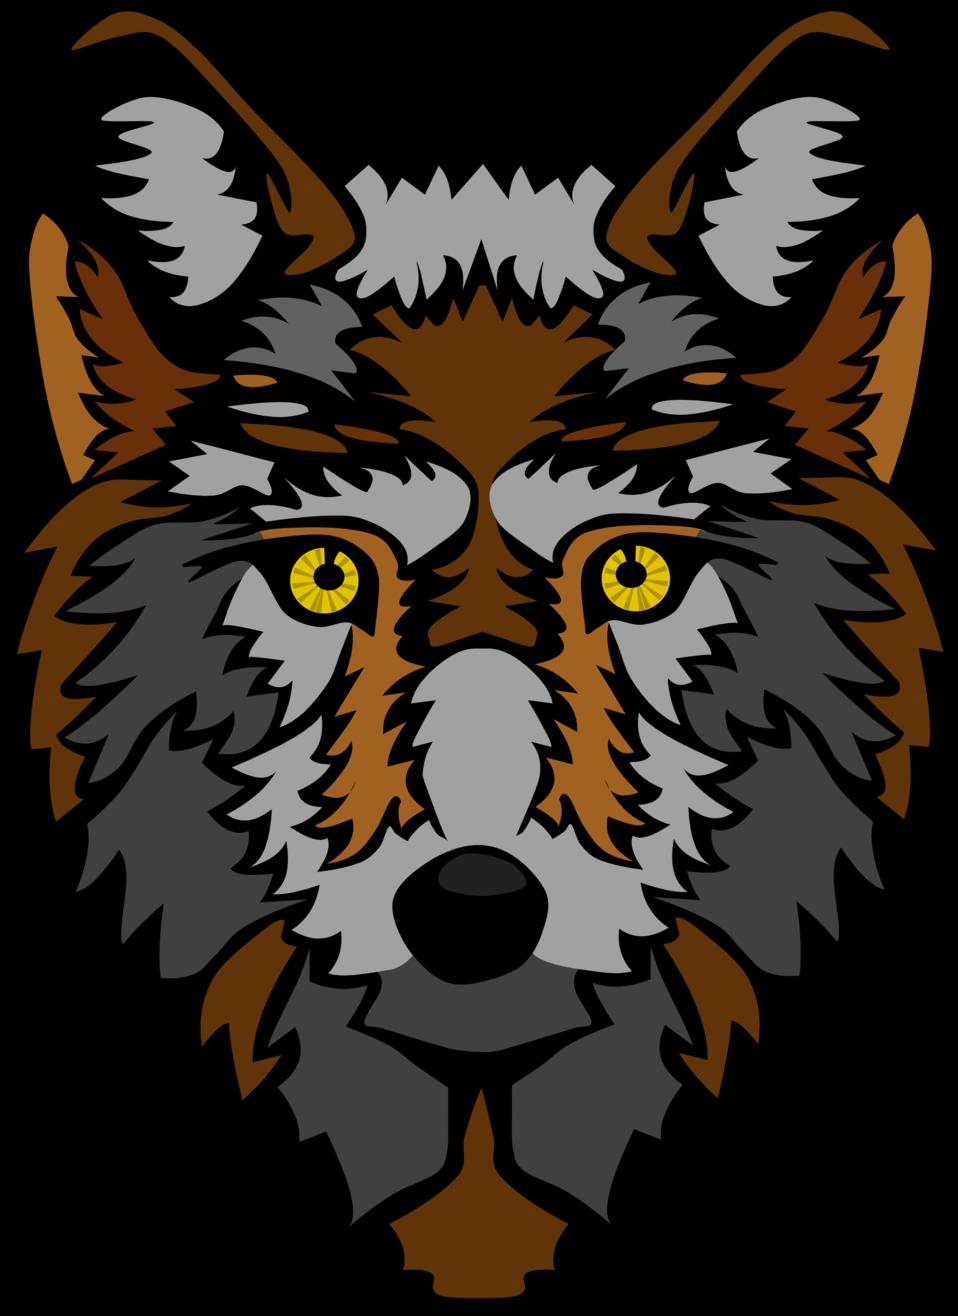 Wolf clipart public domain. Clip art image head